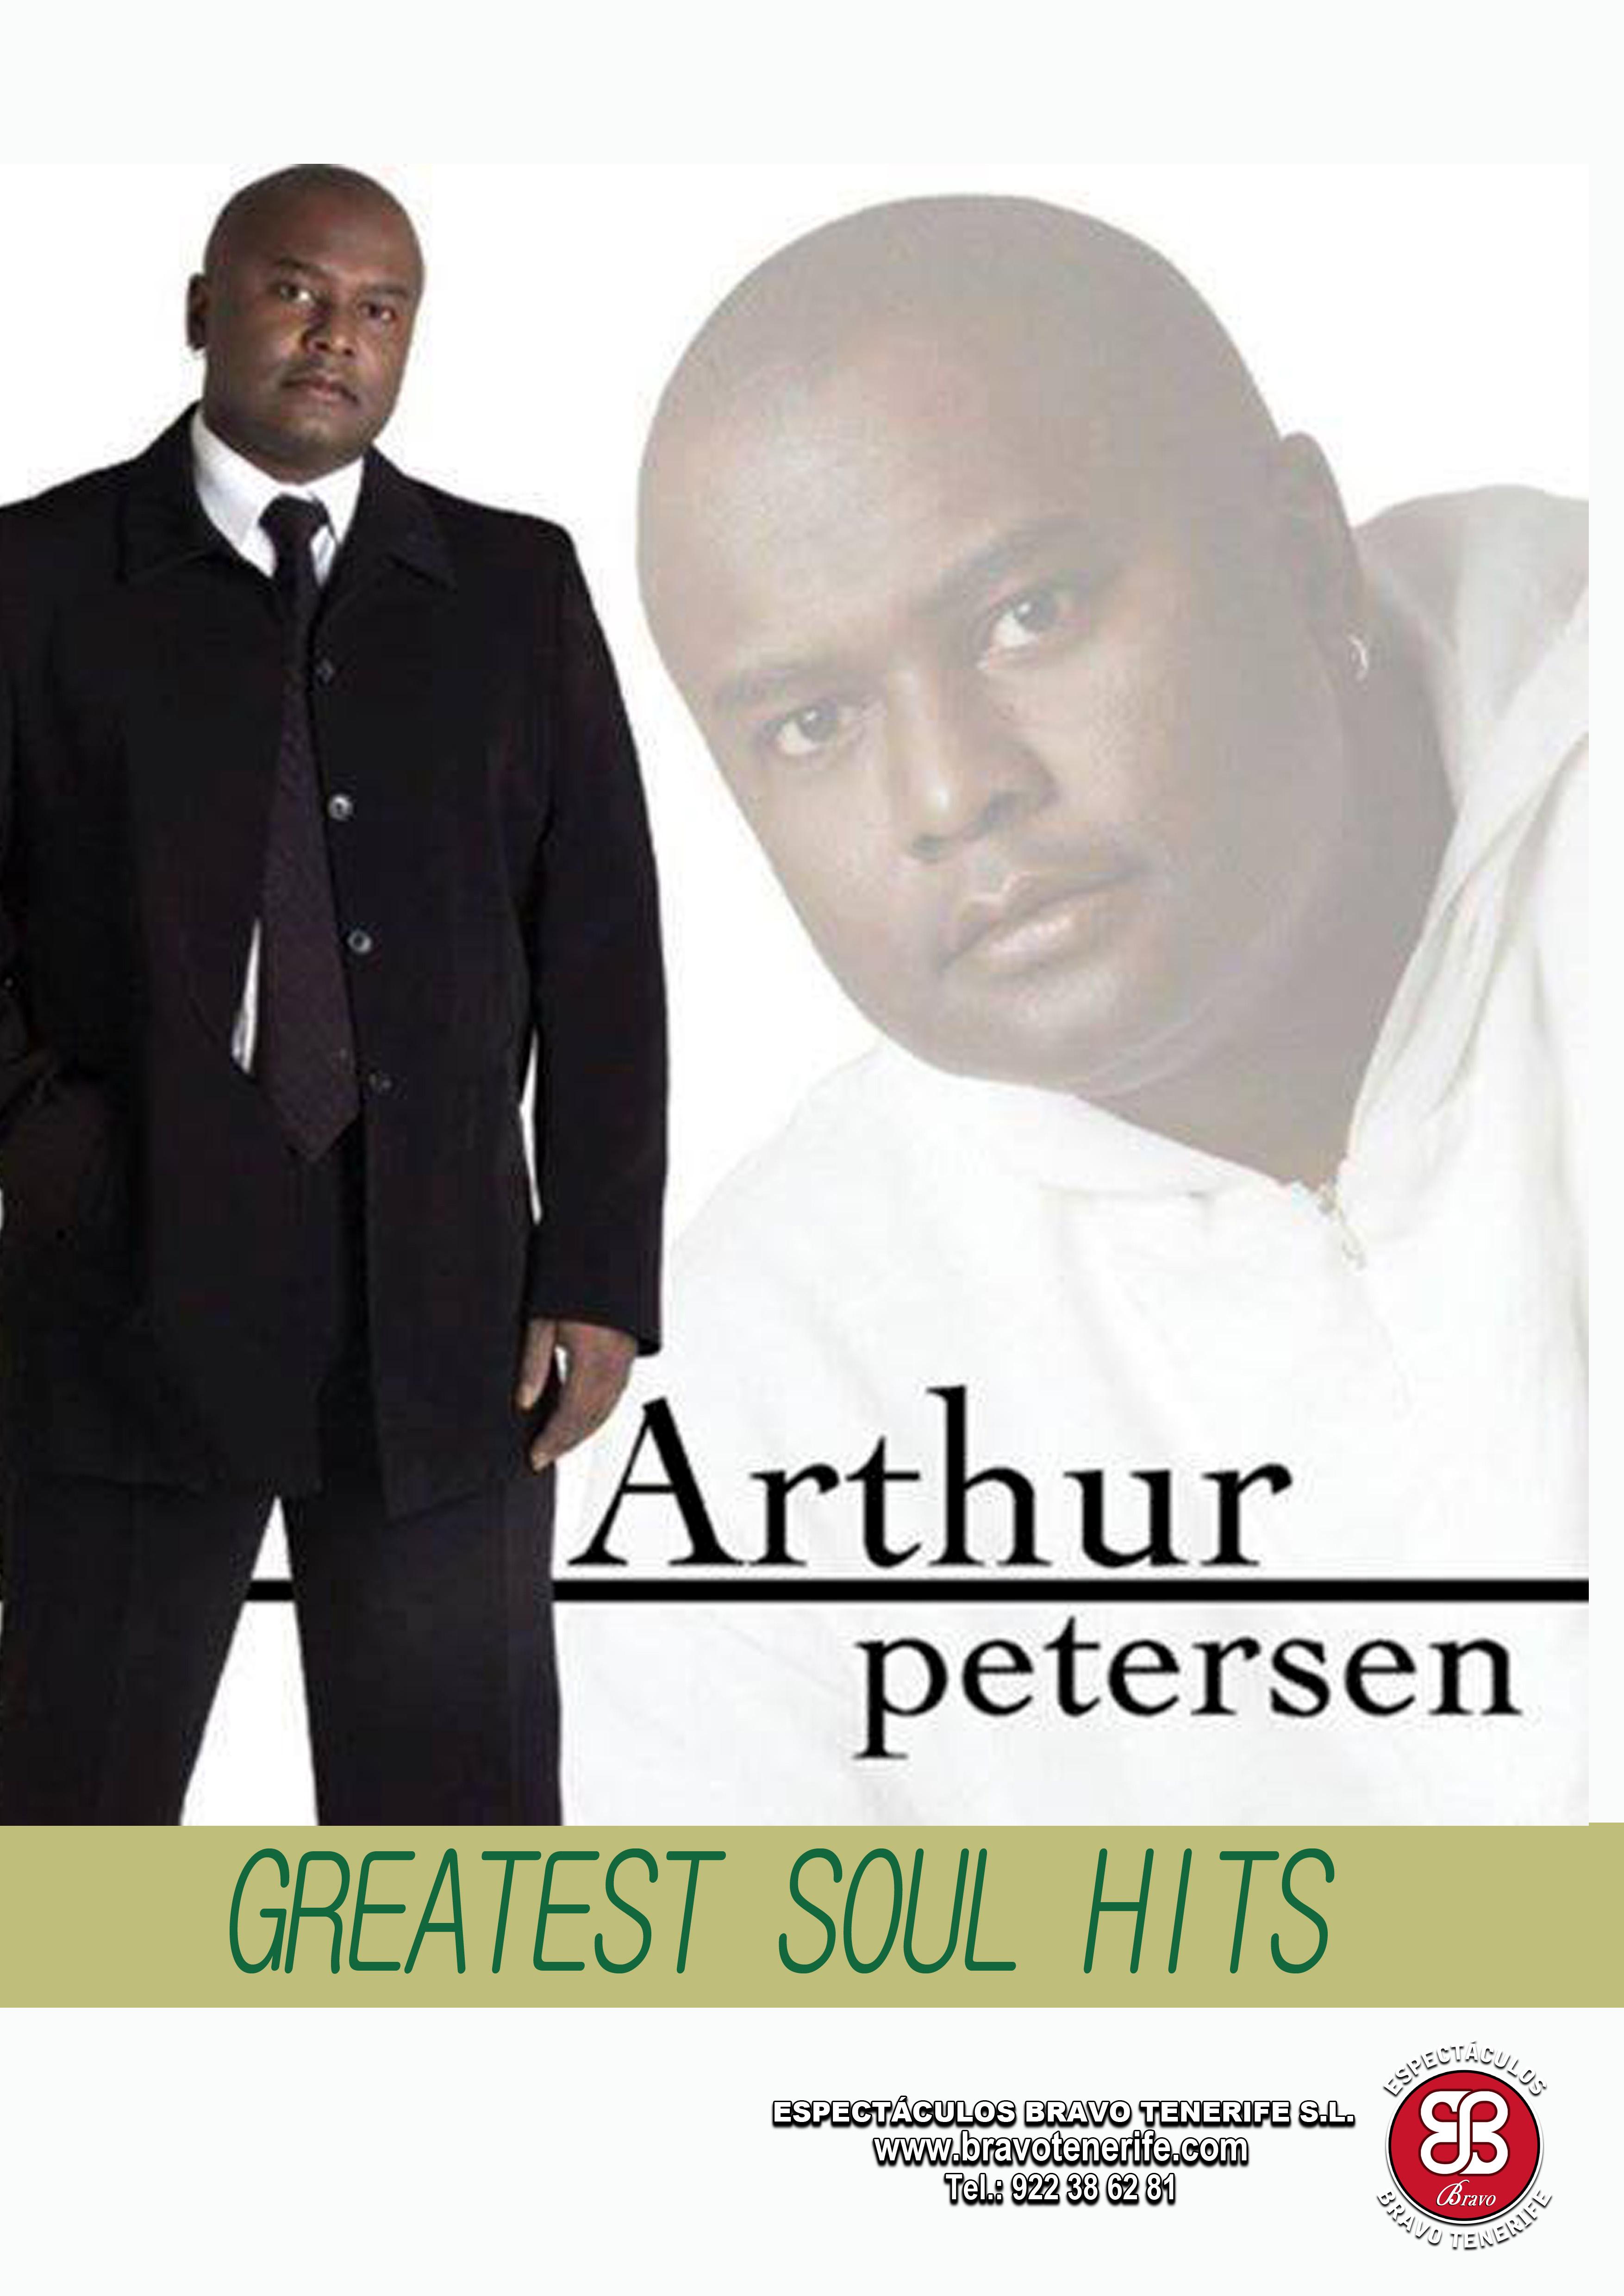 Arthur petersen Bravo